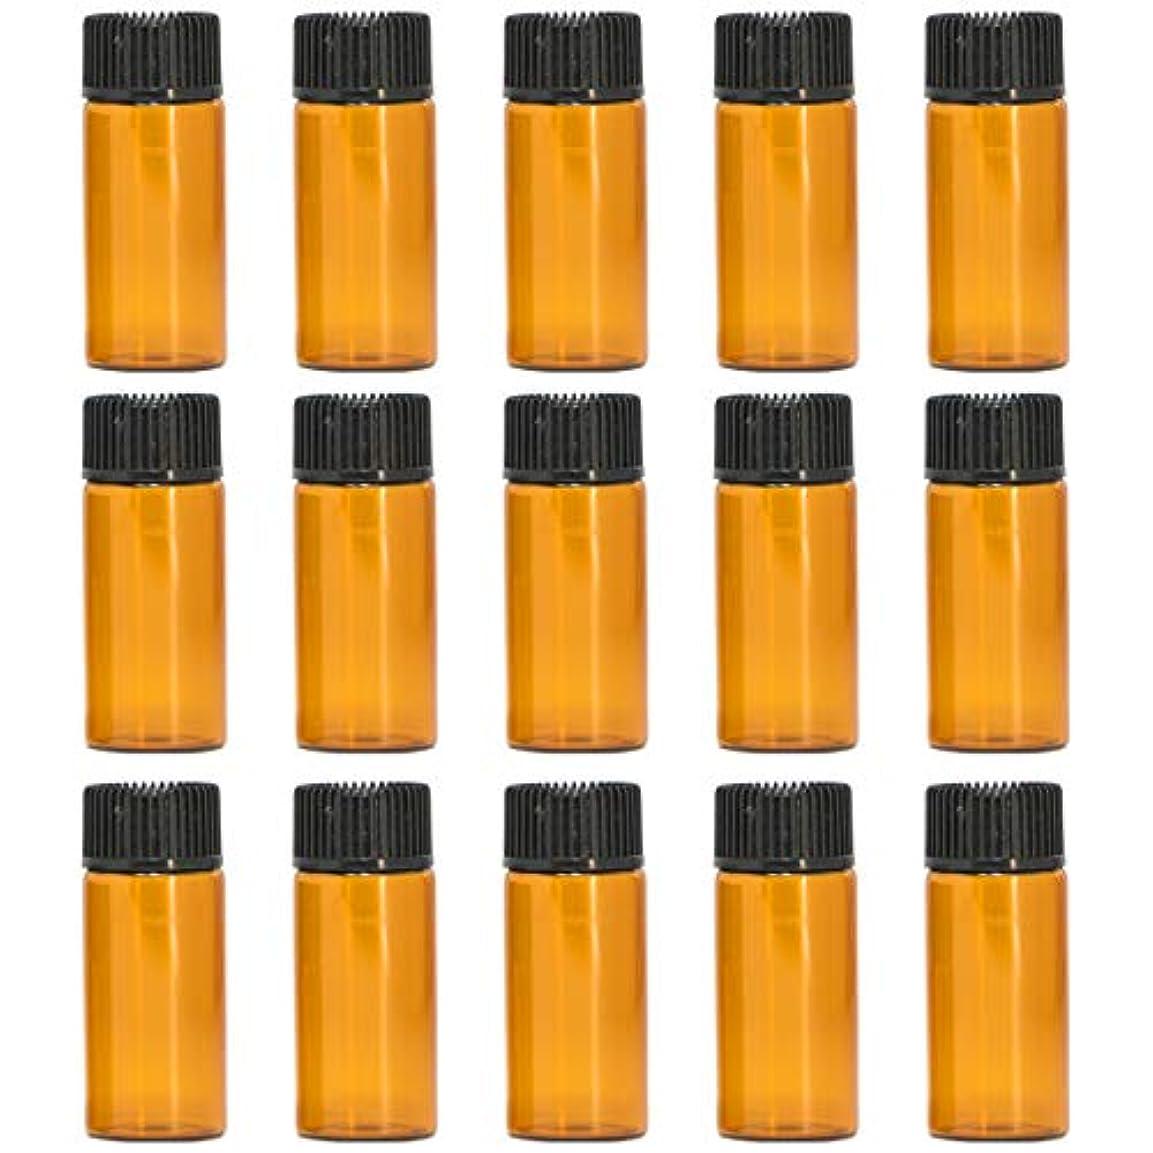 常習者のりラブアロマオイル 精油 遮光瓶 遮光ビン ガラスボトル ガラス製 エッセンシャルオイル 保存用 保存容器詰め替え 茶色 ブラウン (5ml?15本セット))予備入り